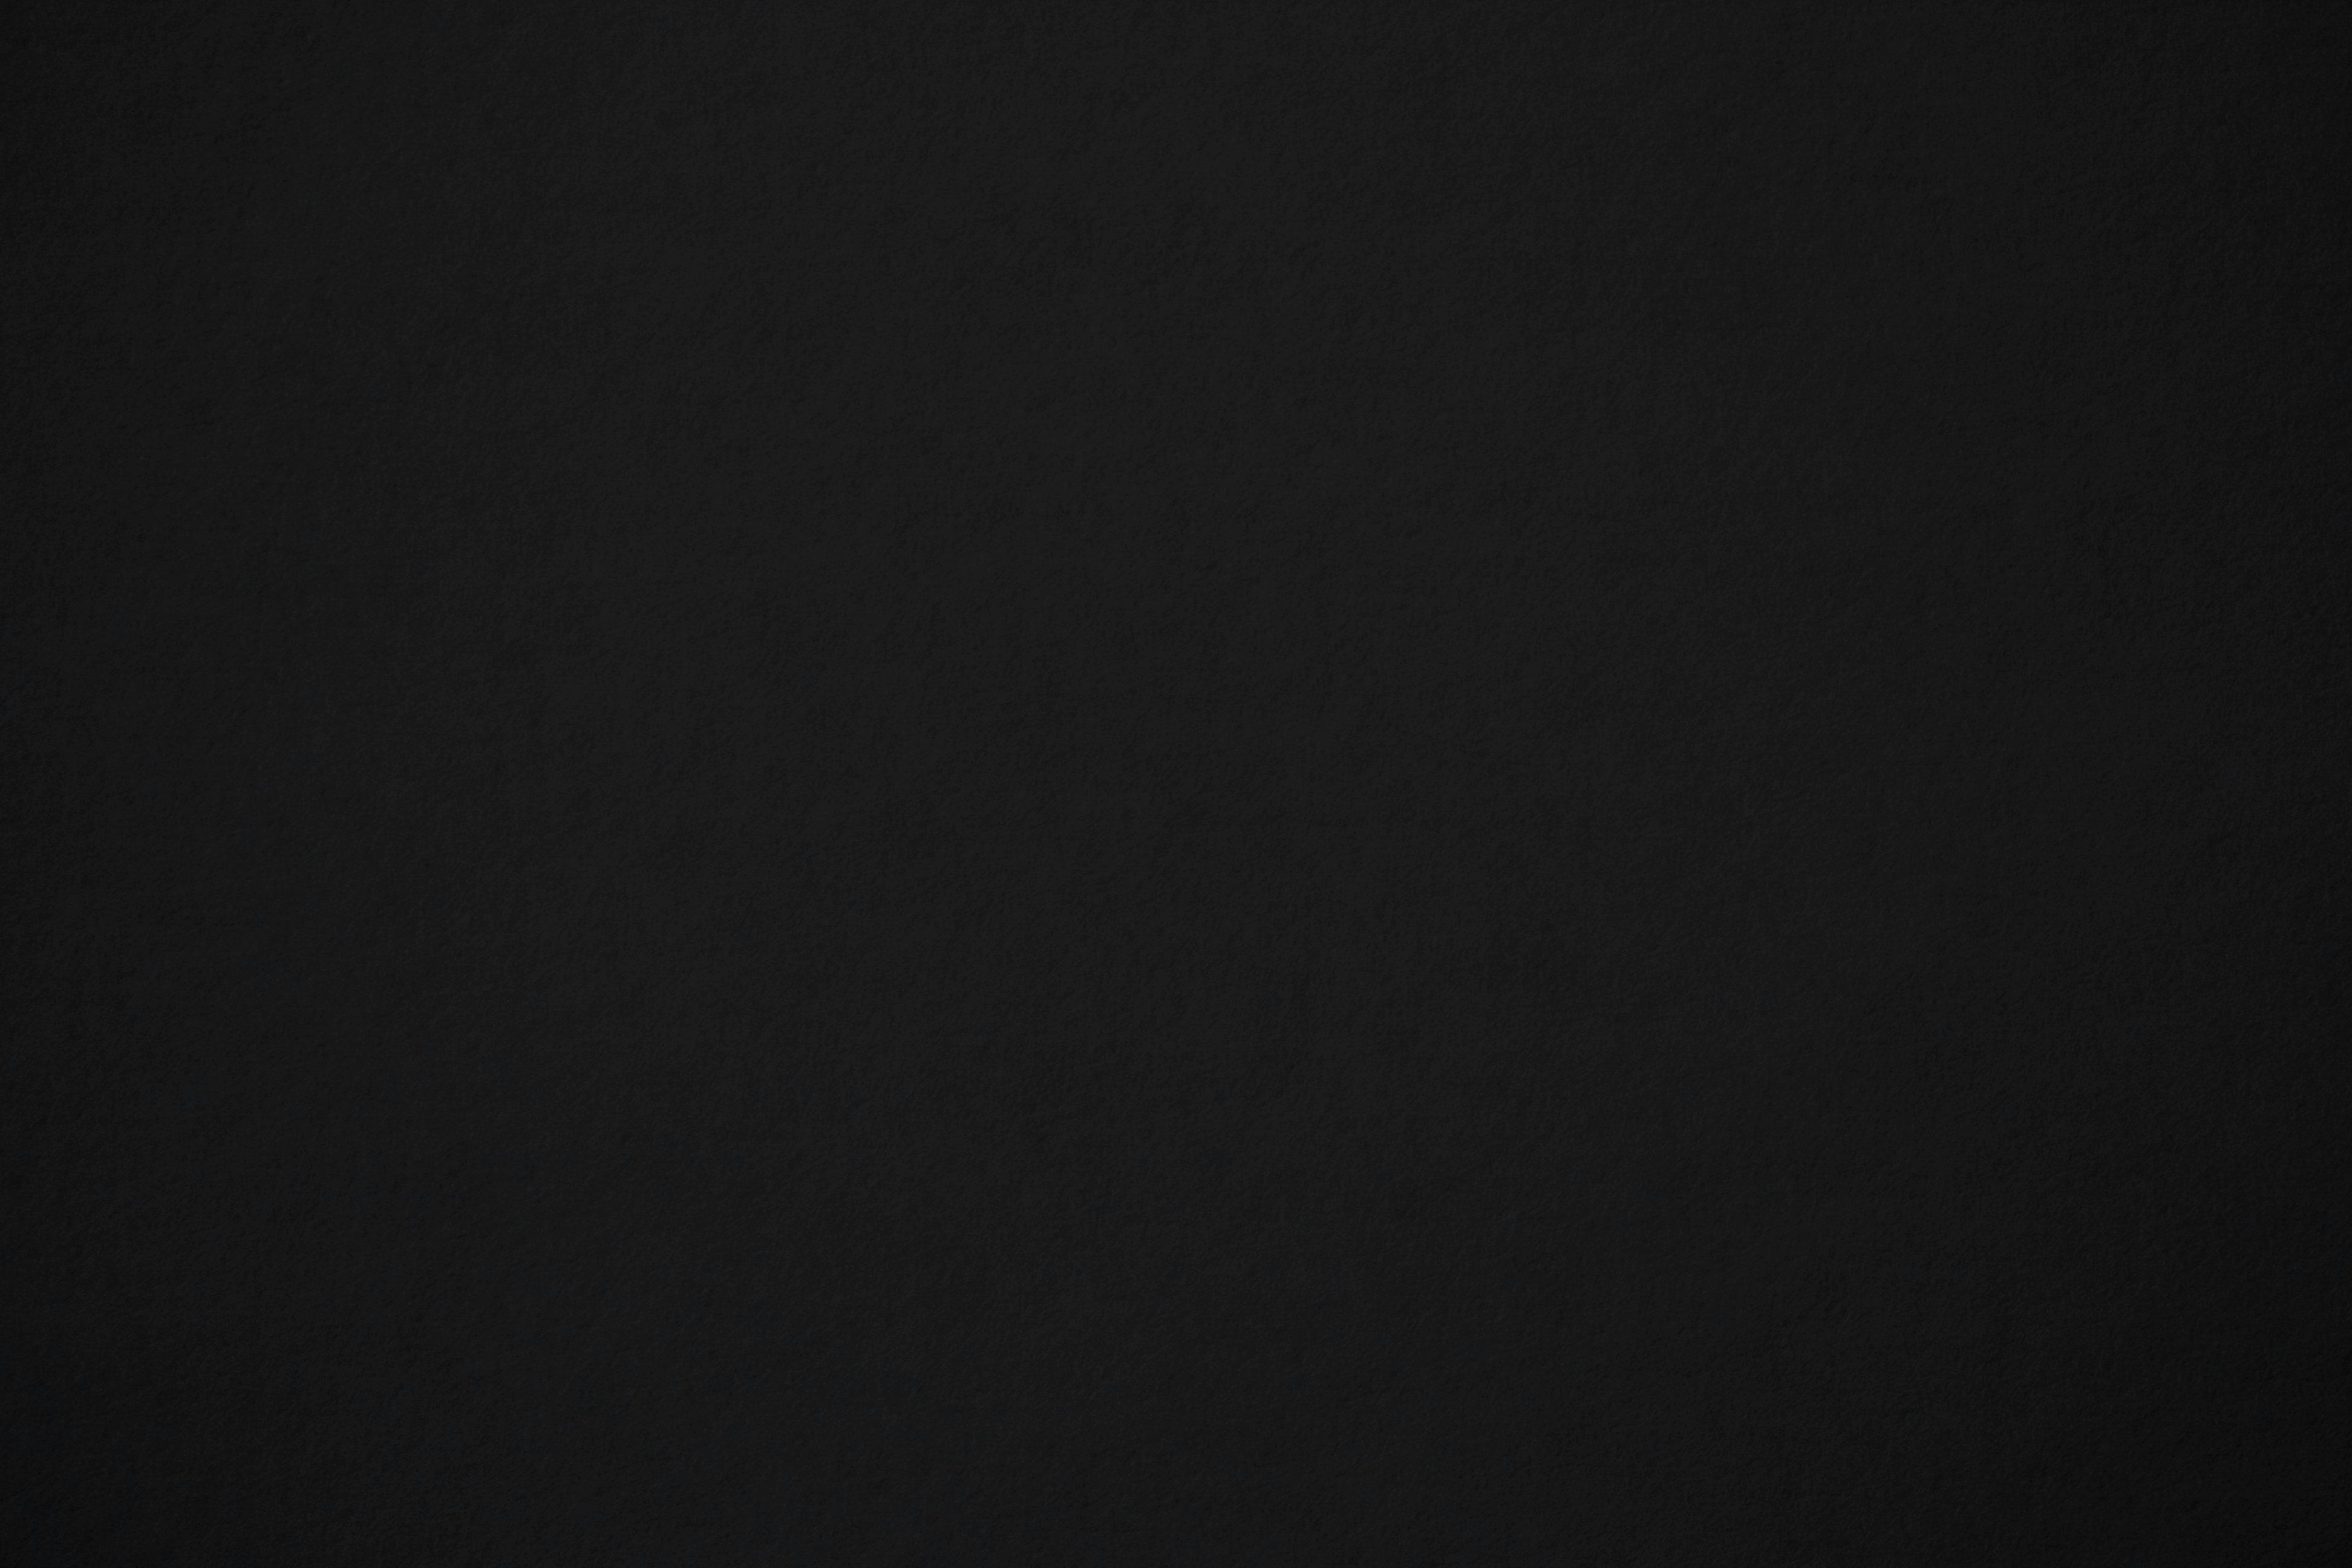 Black Paper Texture Picture | Free Photograph | Photos Public Domain